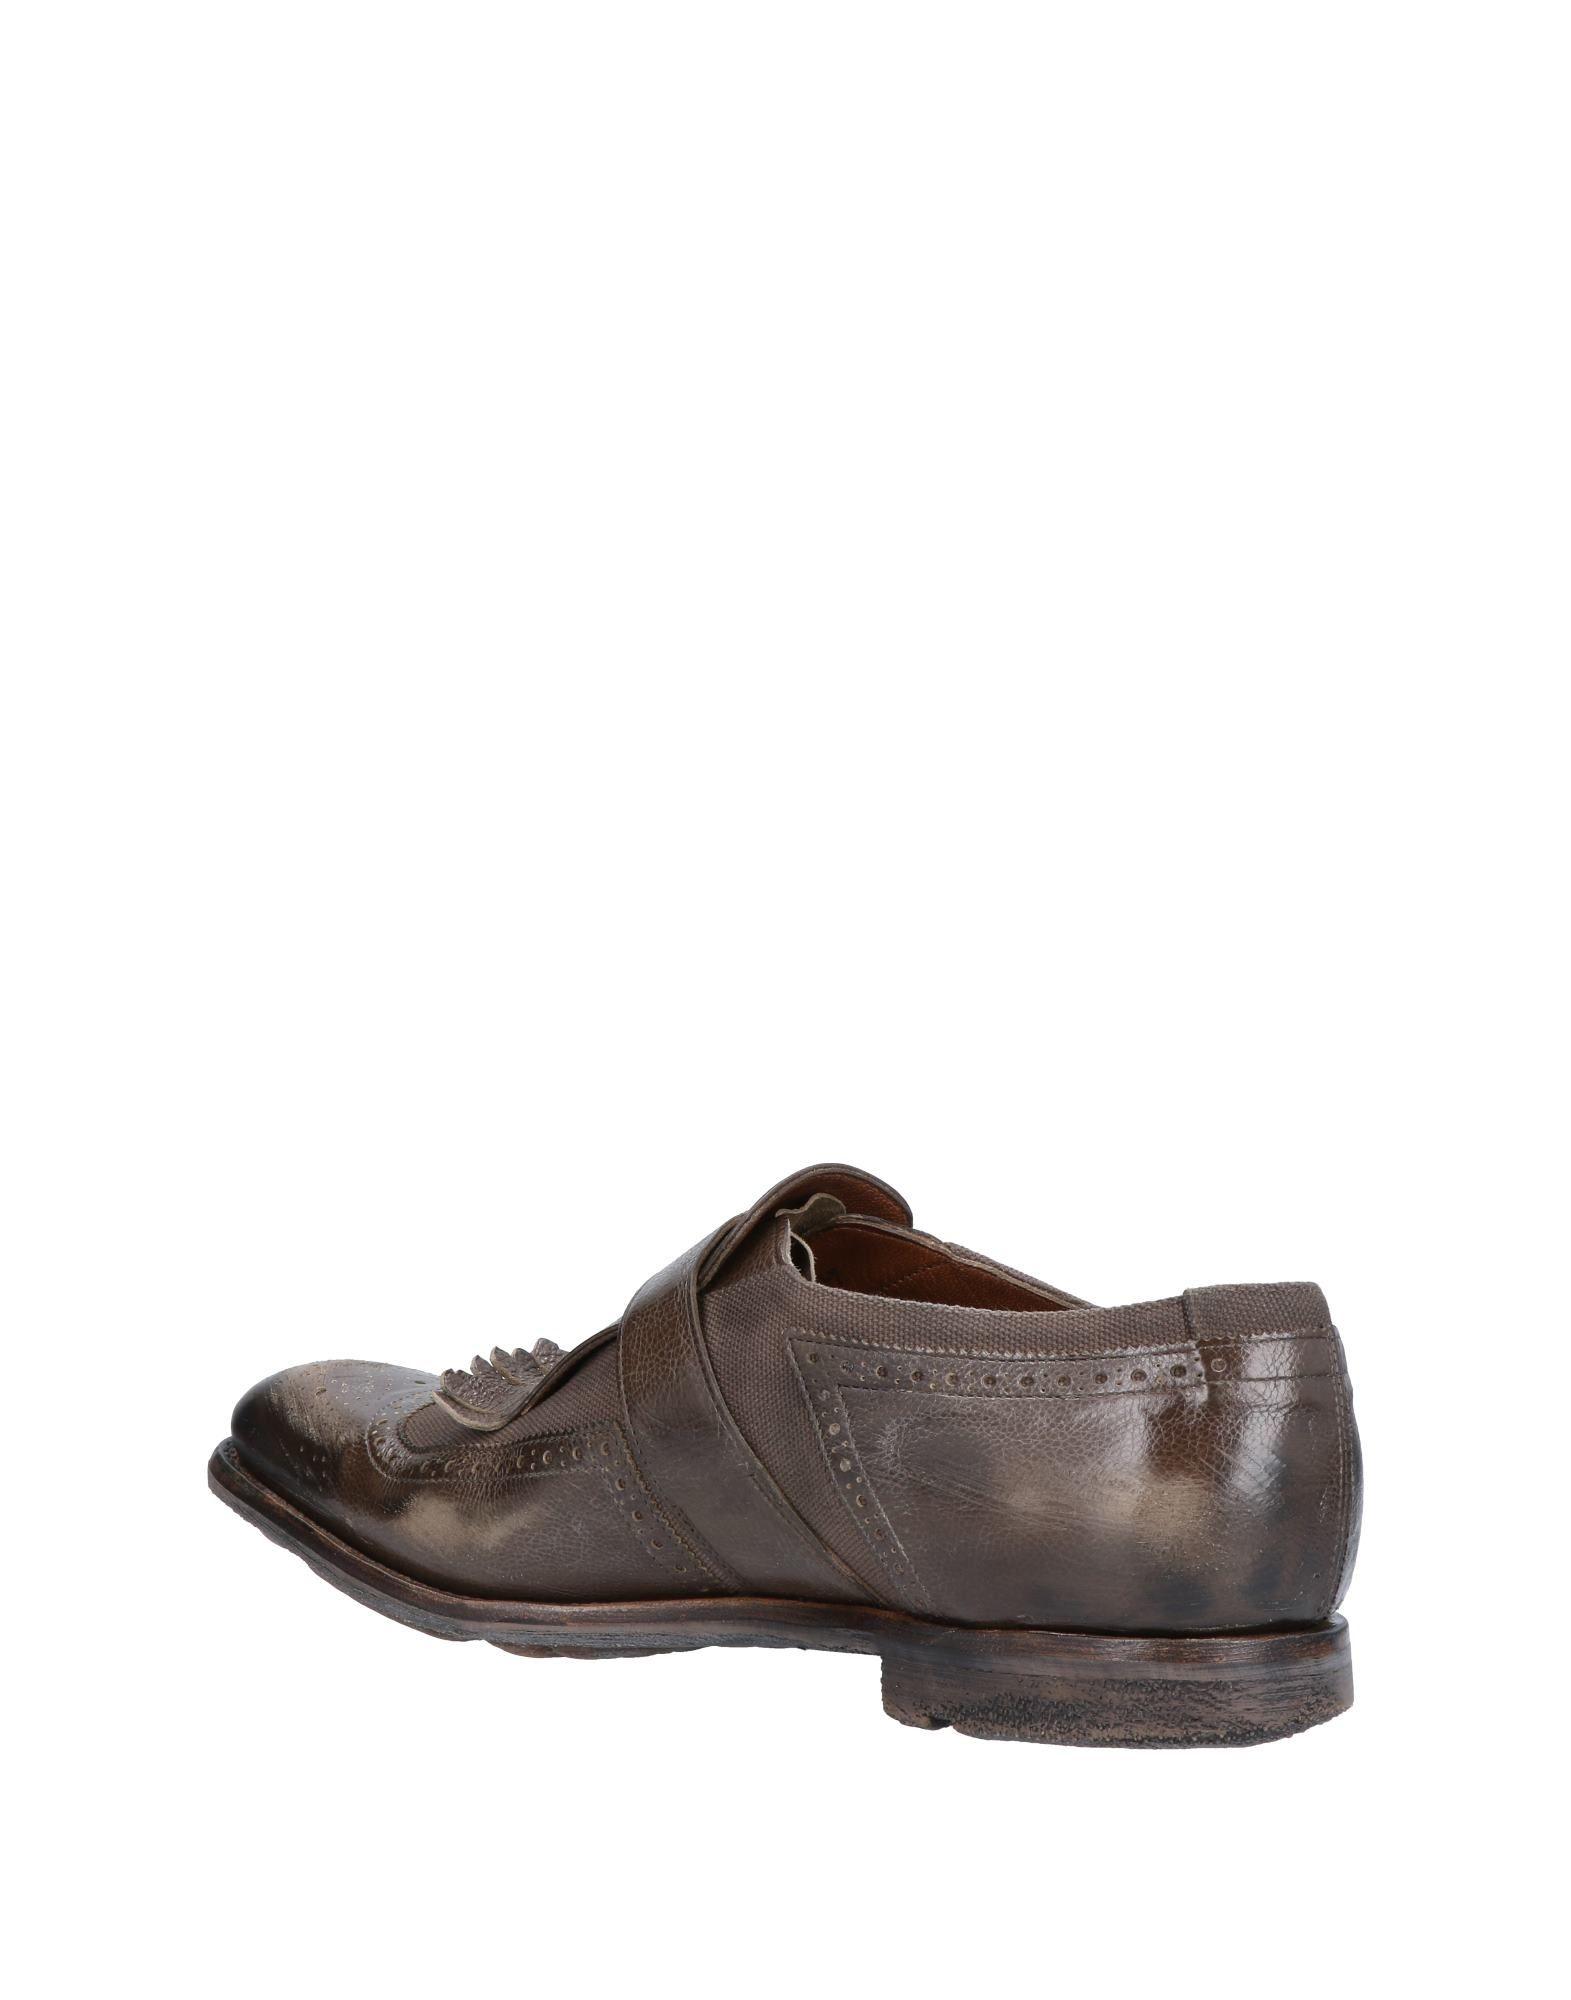 Church's Mokassins Gute Herren  11485360VB Gute Mokassins Qualität beliebte Schuhe a27c40